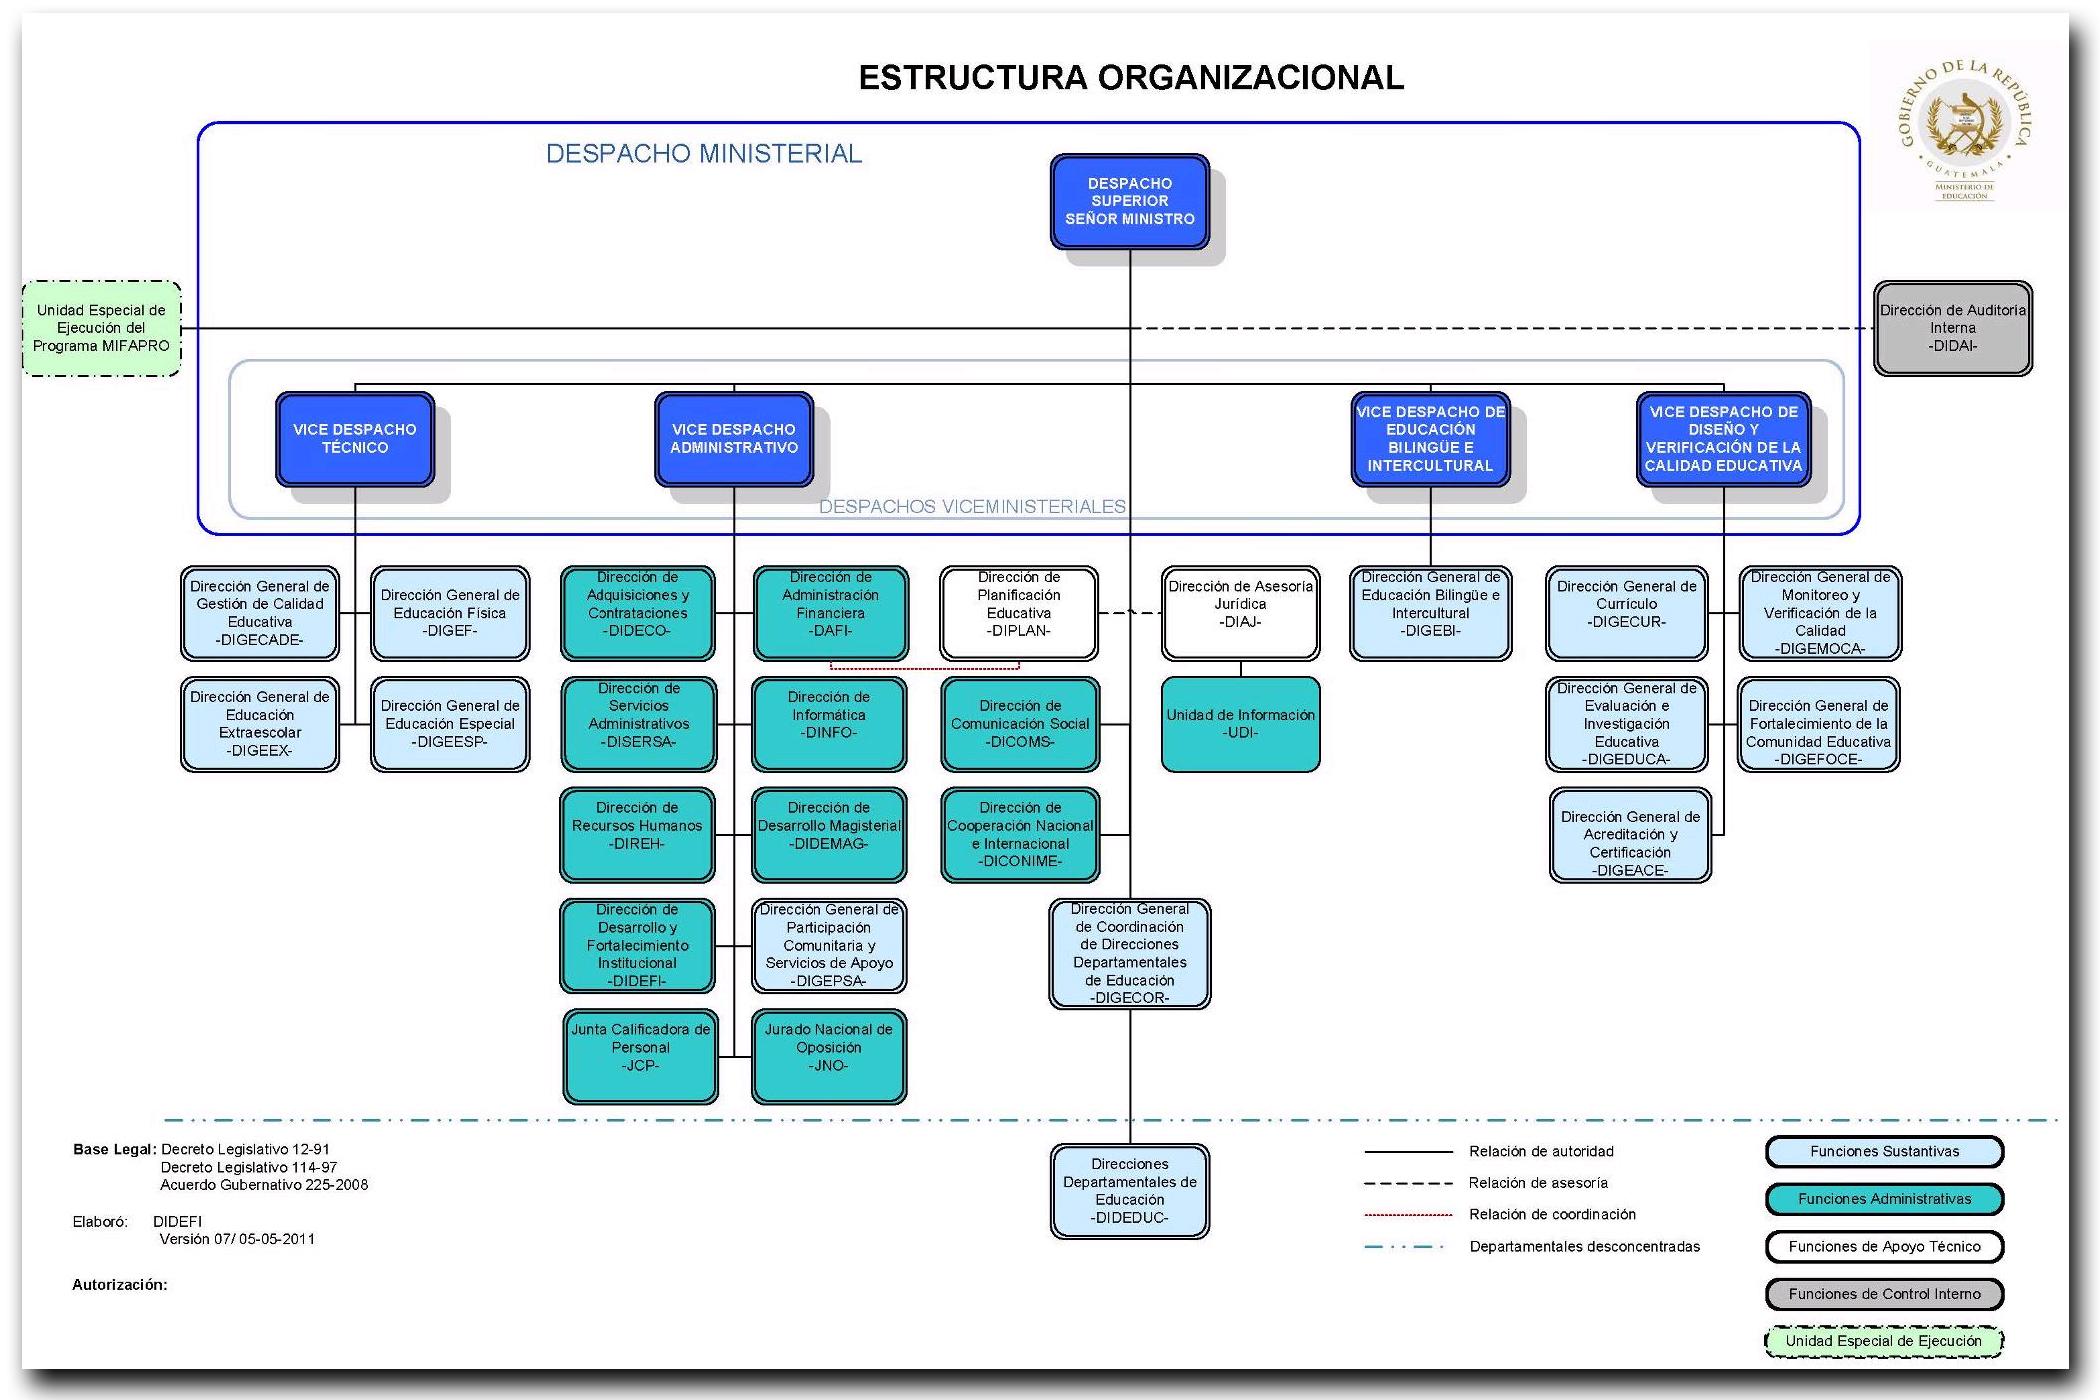 Pin organigrama del ministerio interior on pinterest for Estructura ministerio del interior